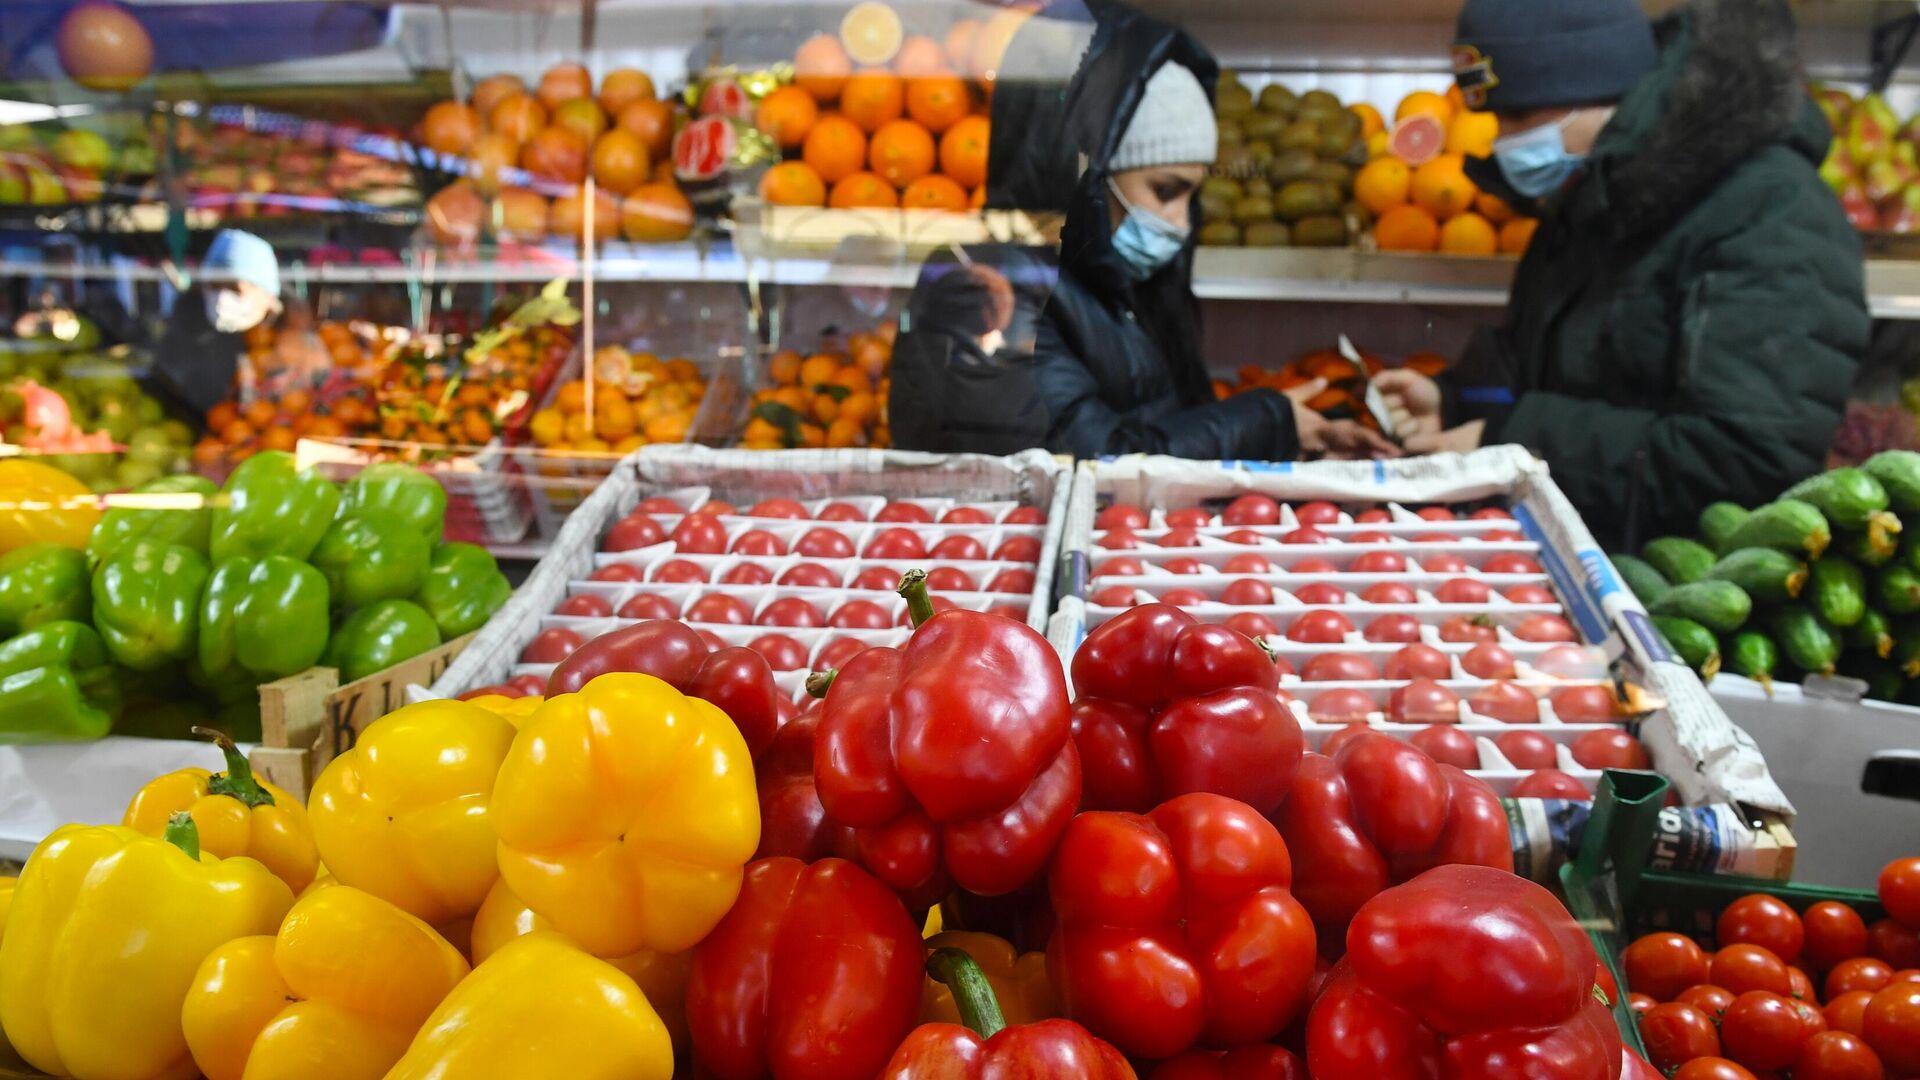 Продажа овощей на Преображенском рынке в Москве - РИА Новости, 1920, 25.01.2021